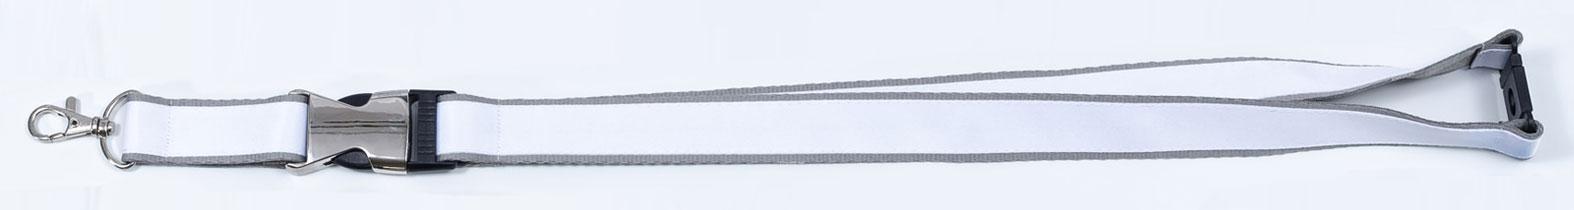 Schluesselbaender Bedrucken Zwischenstueck Karabiner Metall Verschluss Doppellagig Kleinauflage Beidseitig Bunt